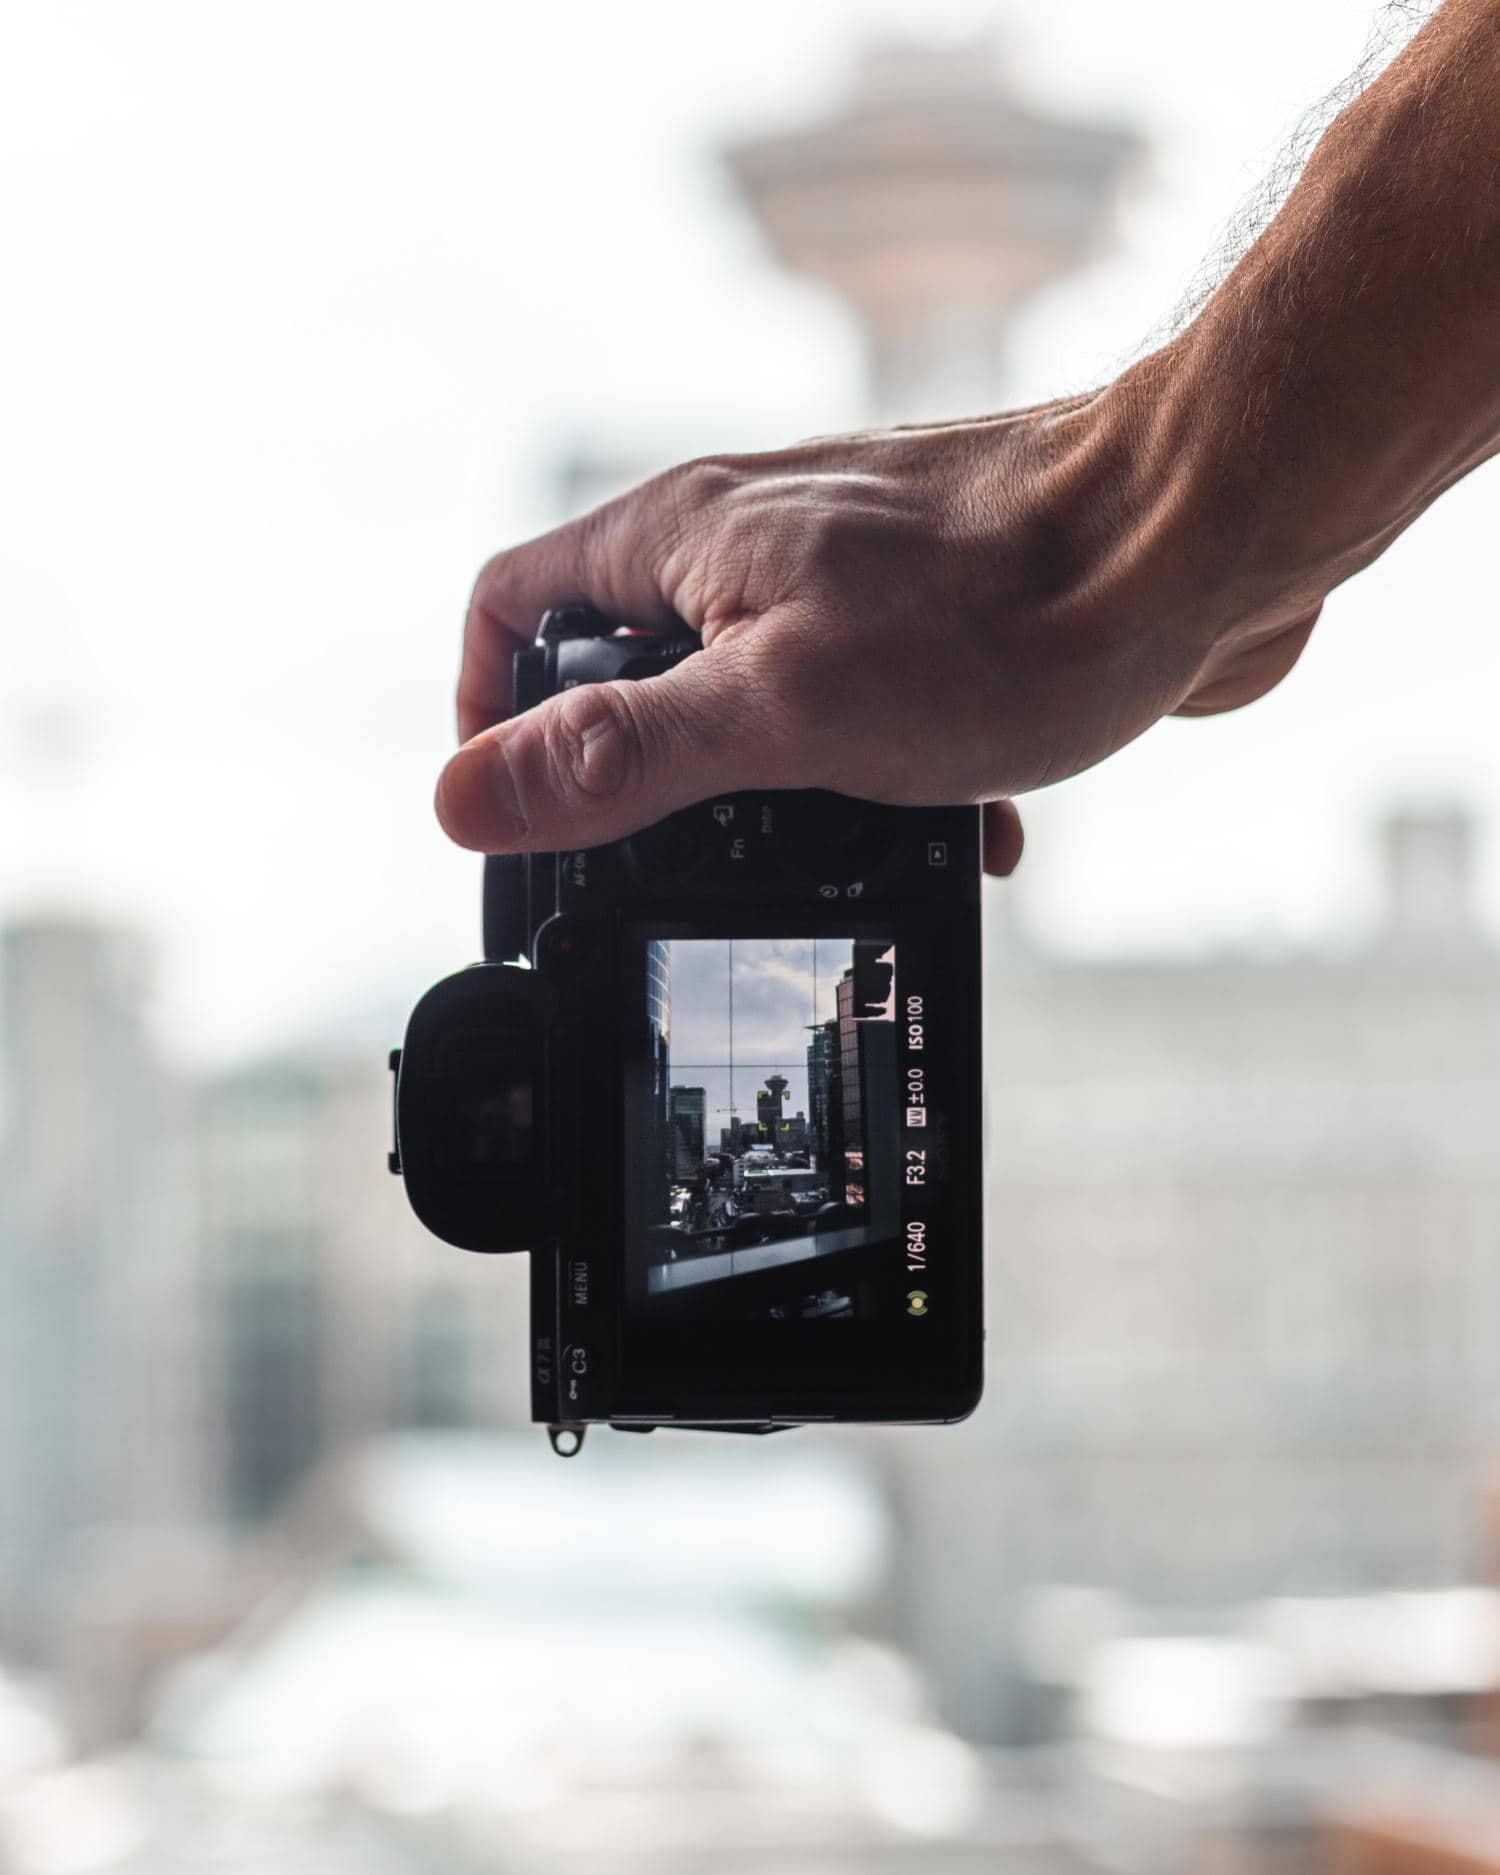 Modo Live View en la cámara